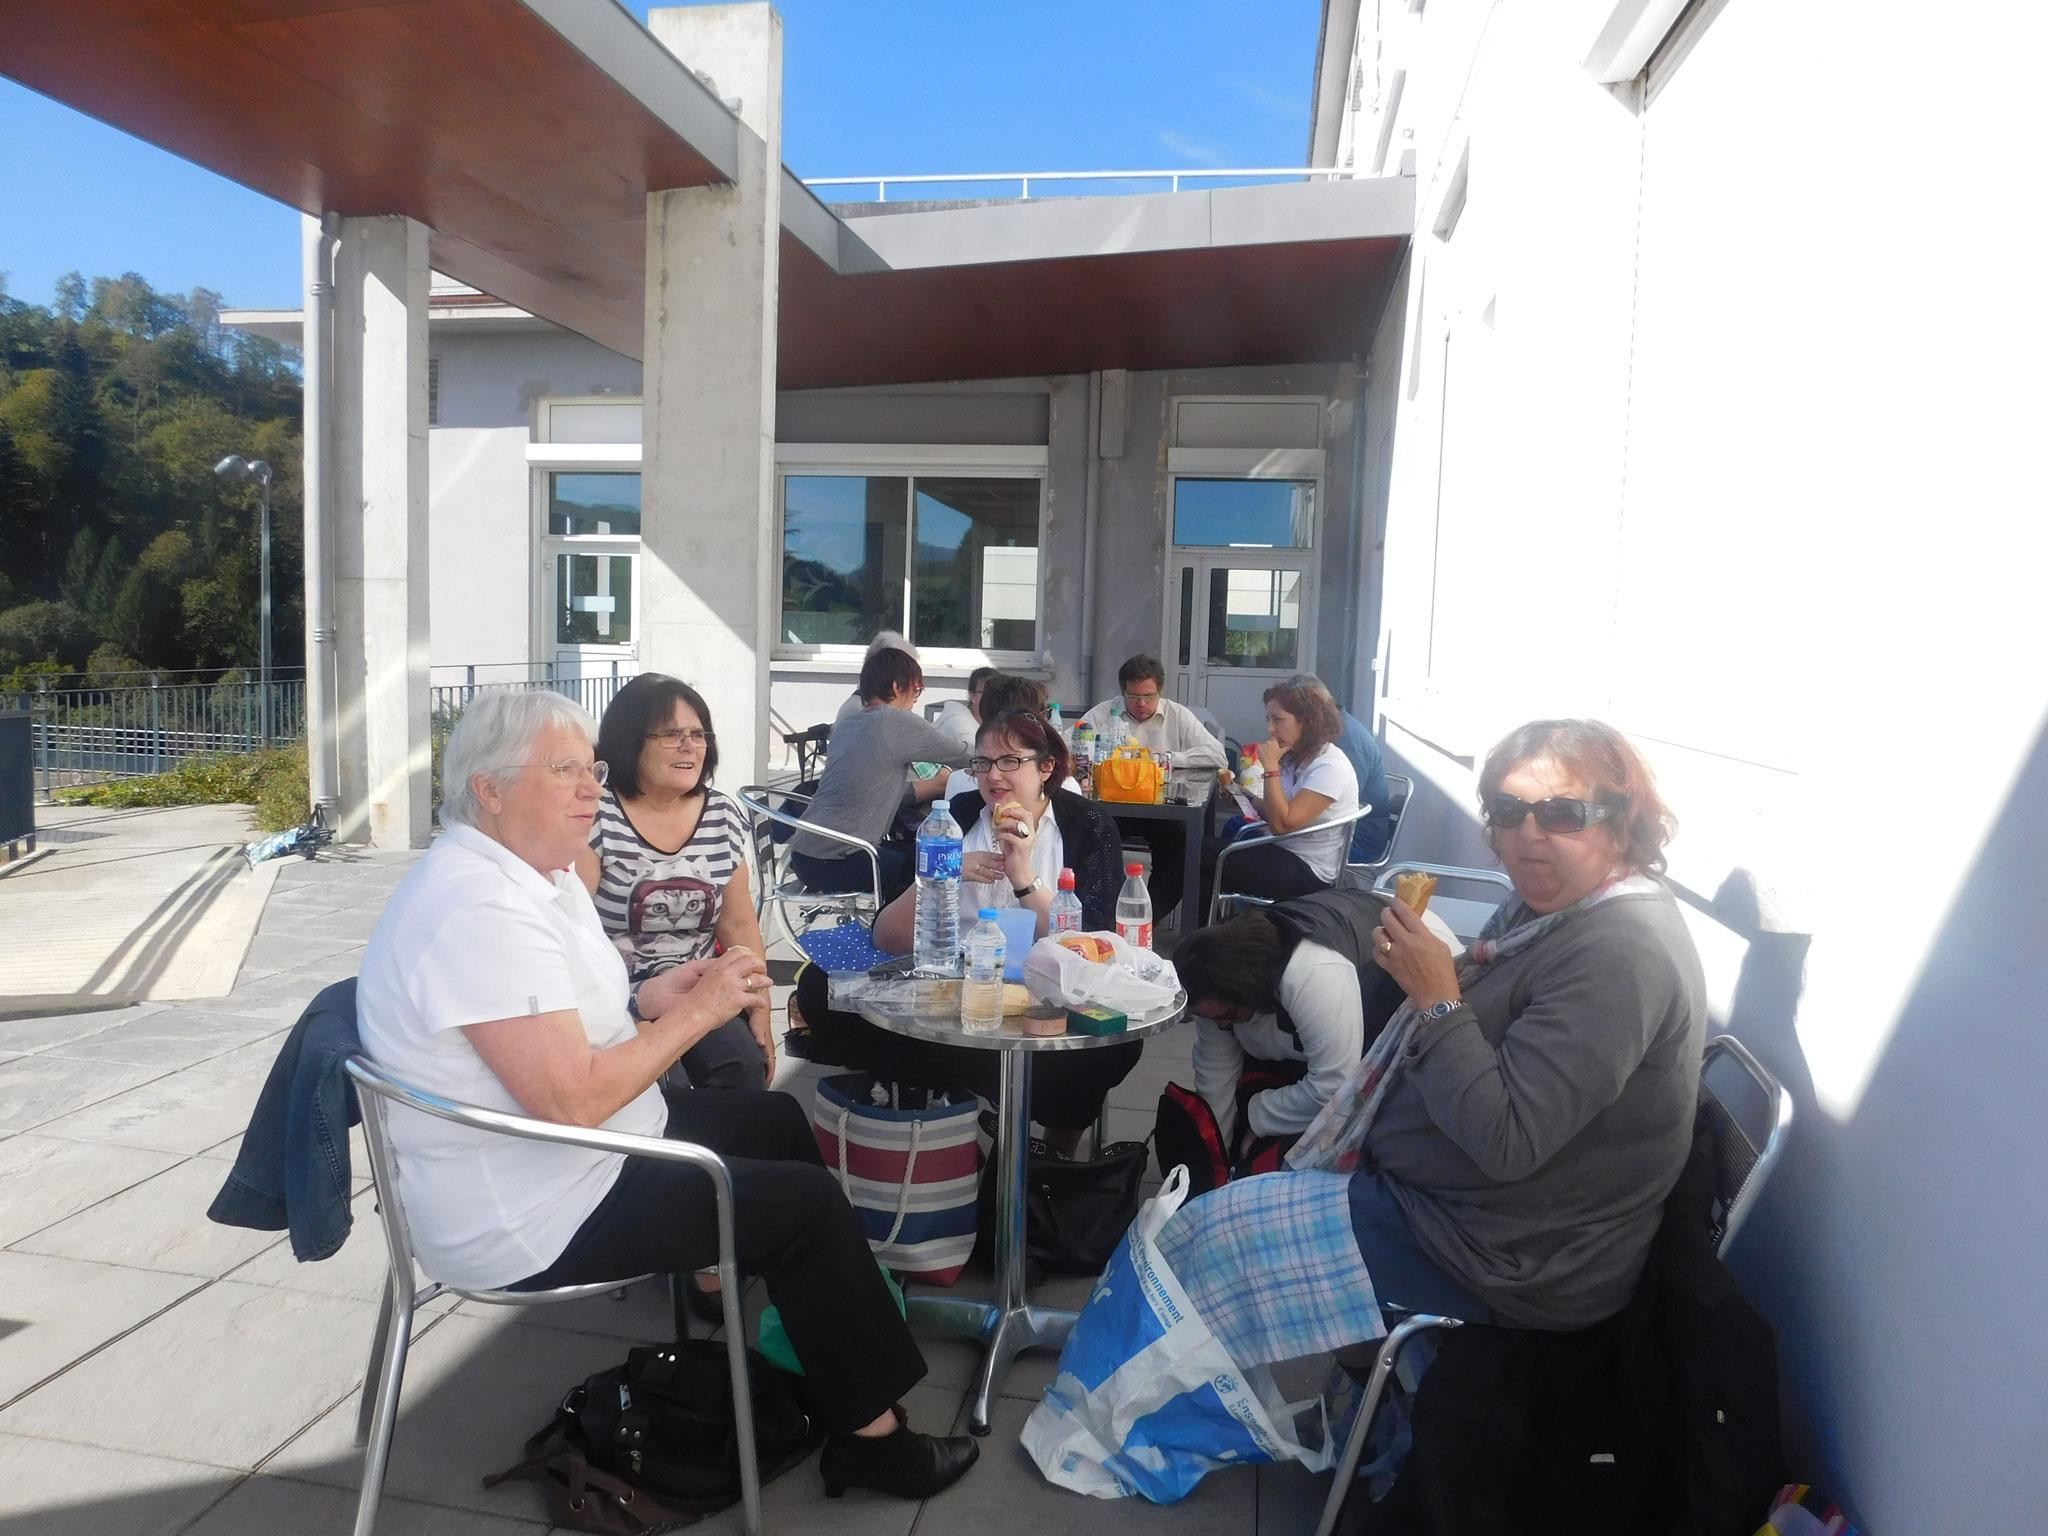 Pique-nique sur la terasse le 15 Octobre 2016 à Astugue